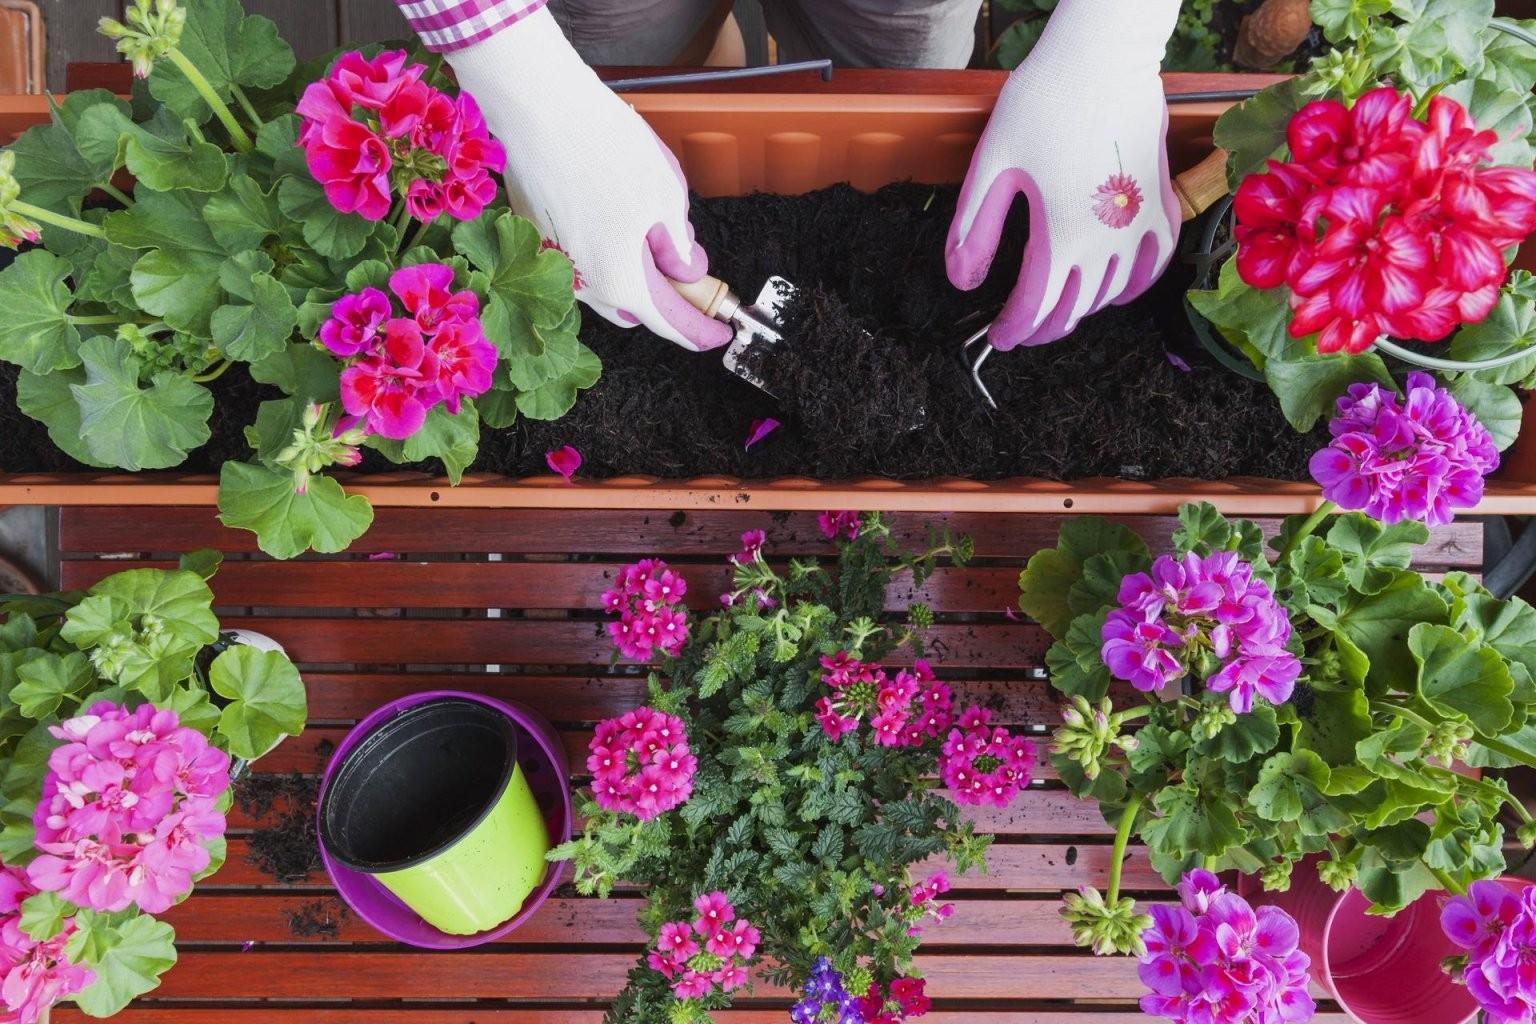 Balkonpflanzen Tipps Und Infos Zur Balkonbepflanzung von Balkonpflanzen Für Pralle Sonne Photo